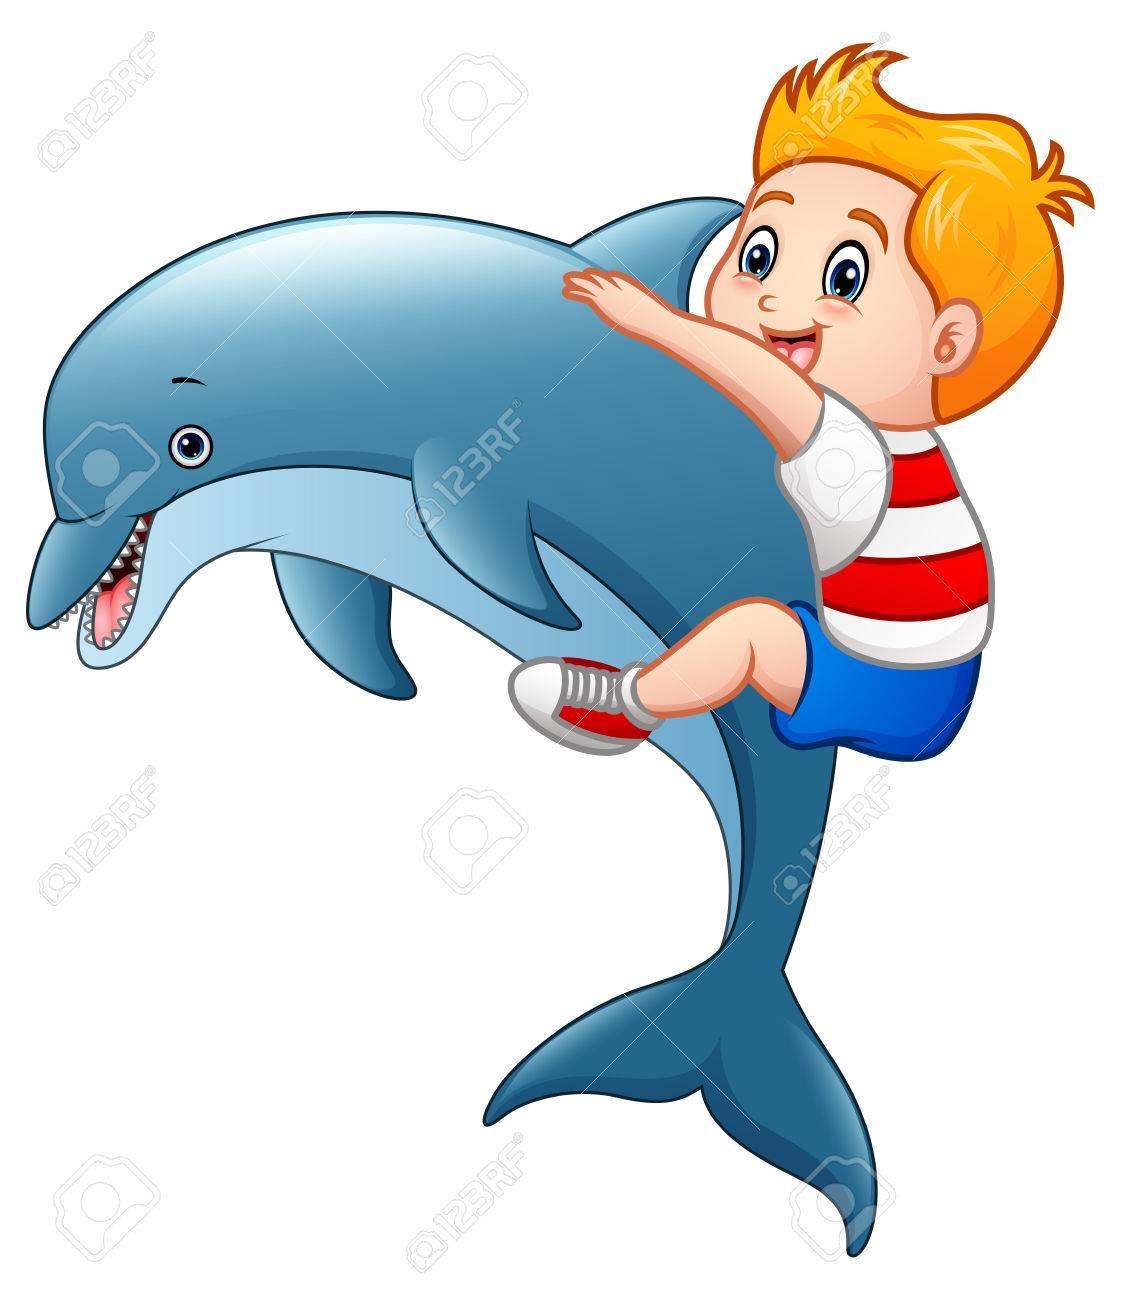 De Dibujos Animados Niño Pequeño Con Los Delfines Fotos Retratos Imágenes Y Fotografía De Archivo Libres De Derecho Image 75634014